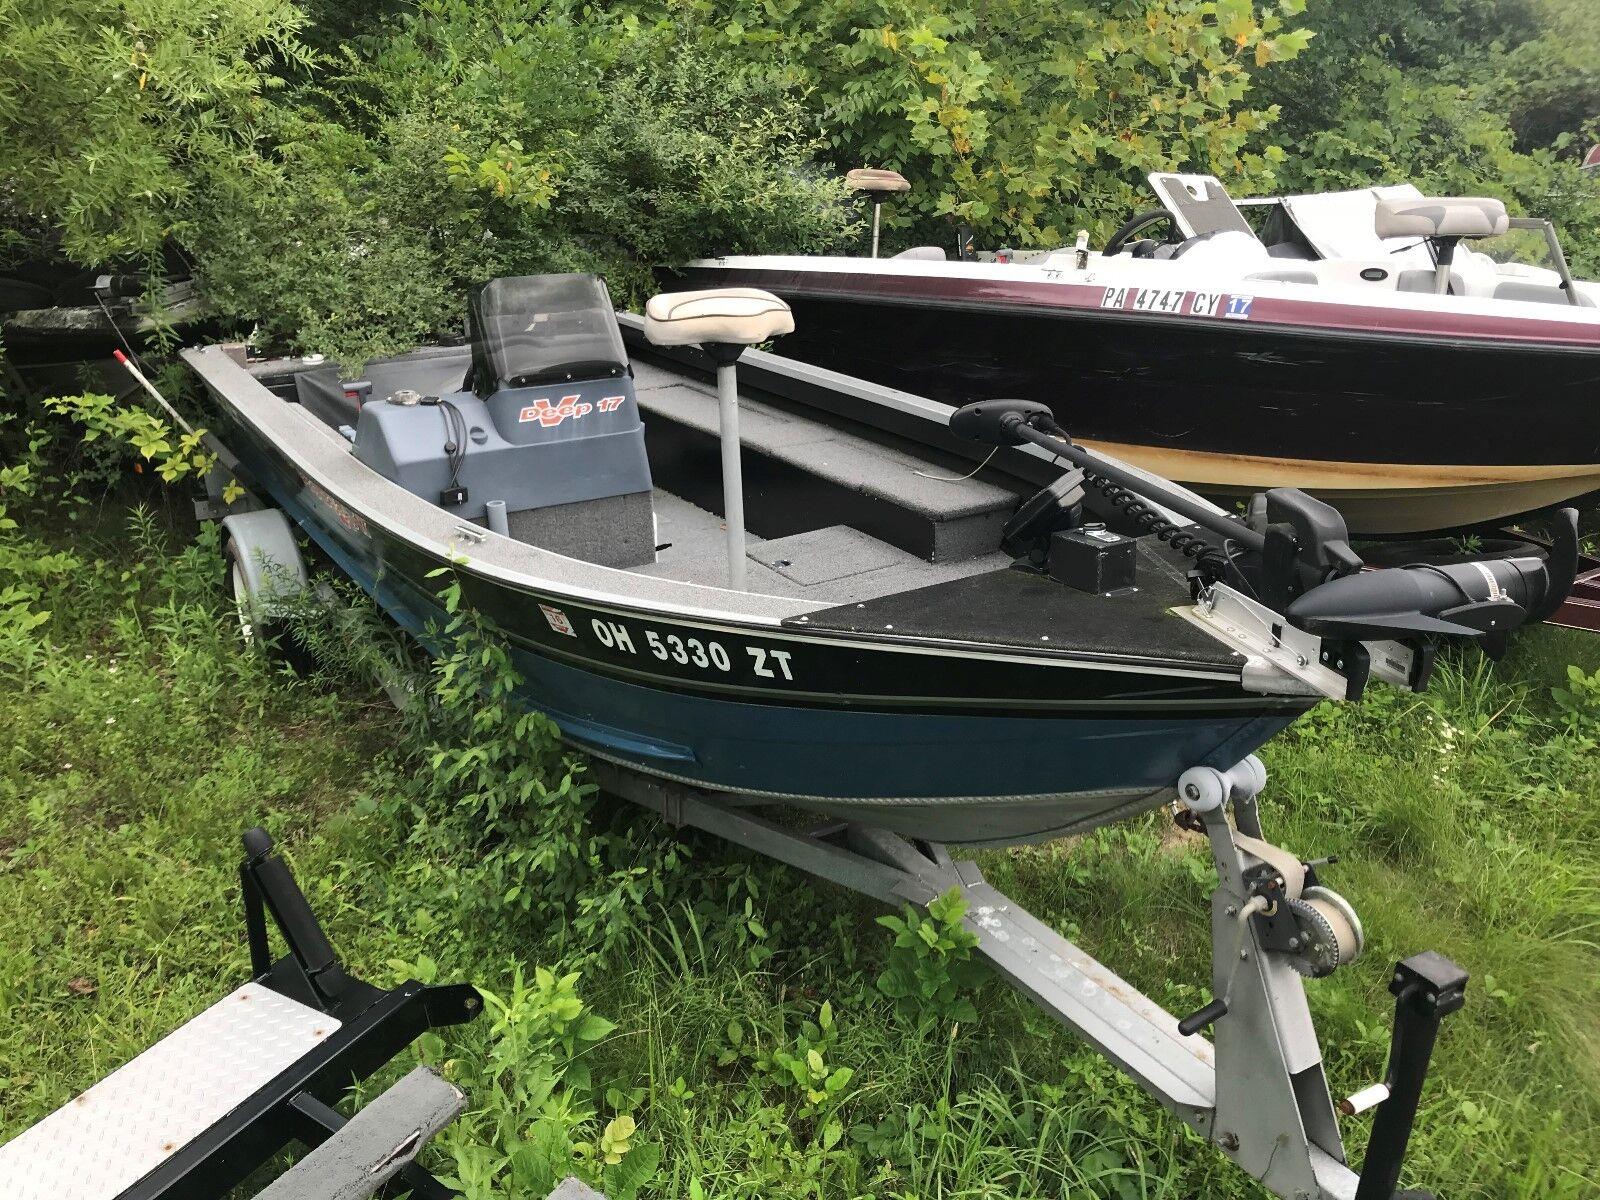 1992 Tracker Boats V17 Aluminum